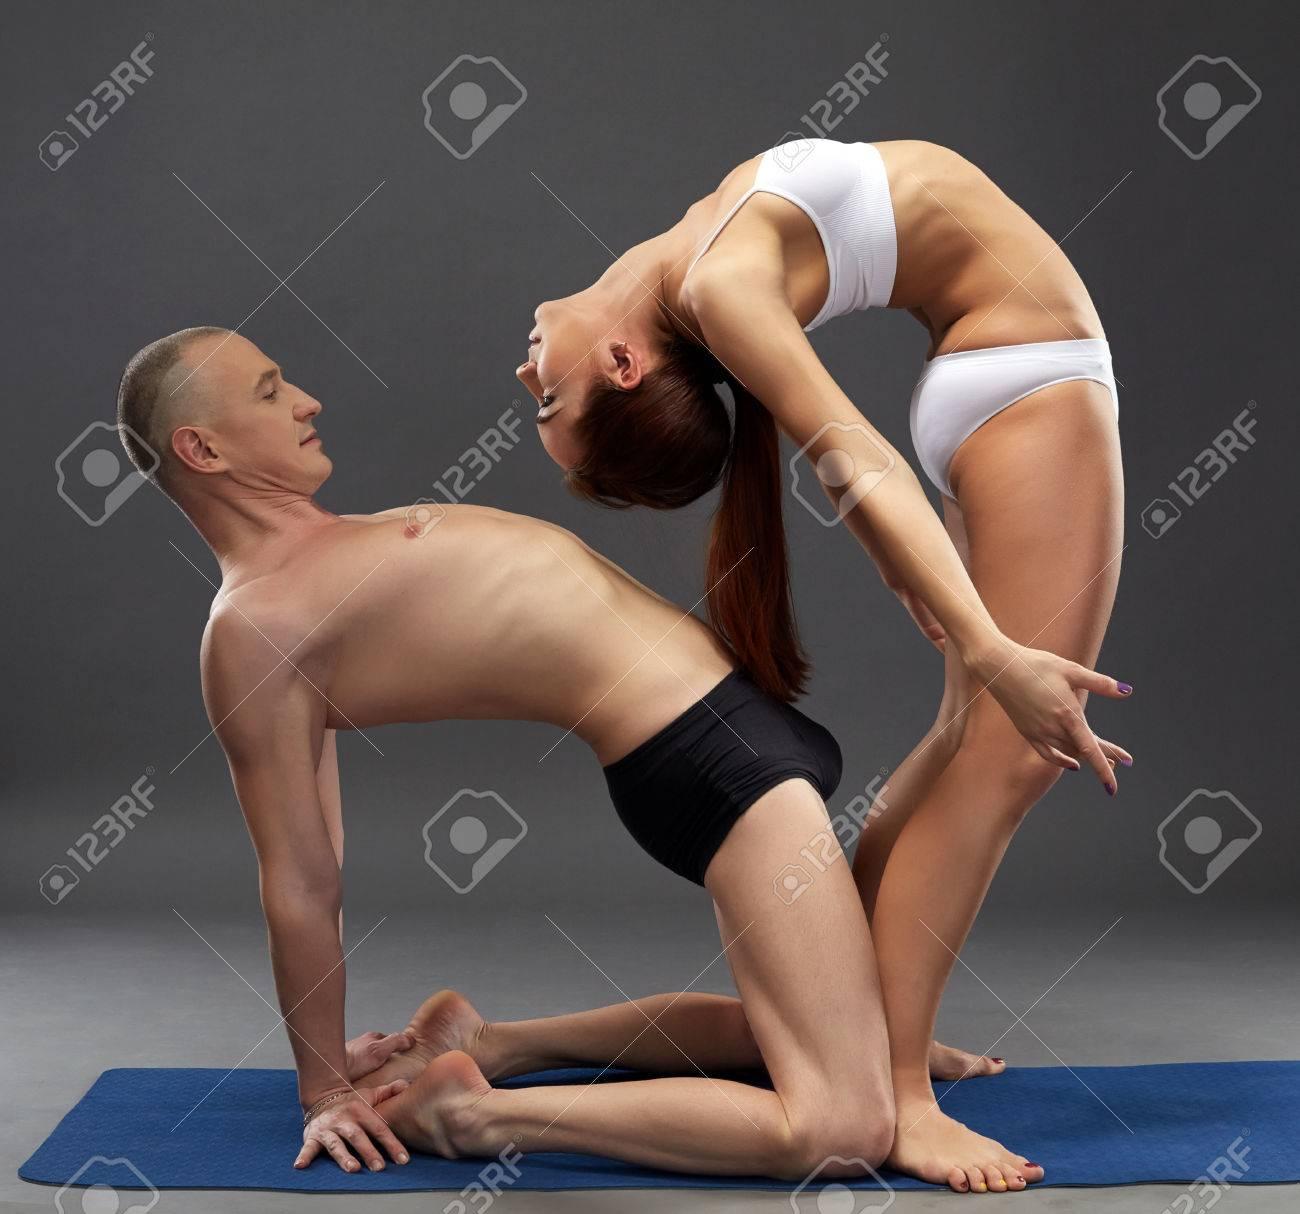 schmatzende lesben muschis beim strap-on sex